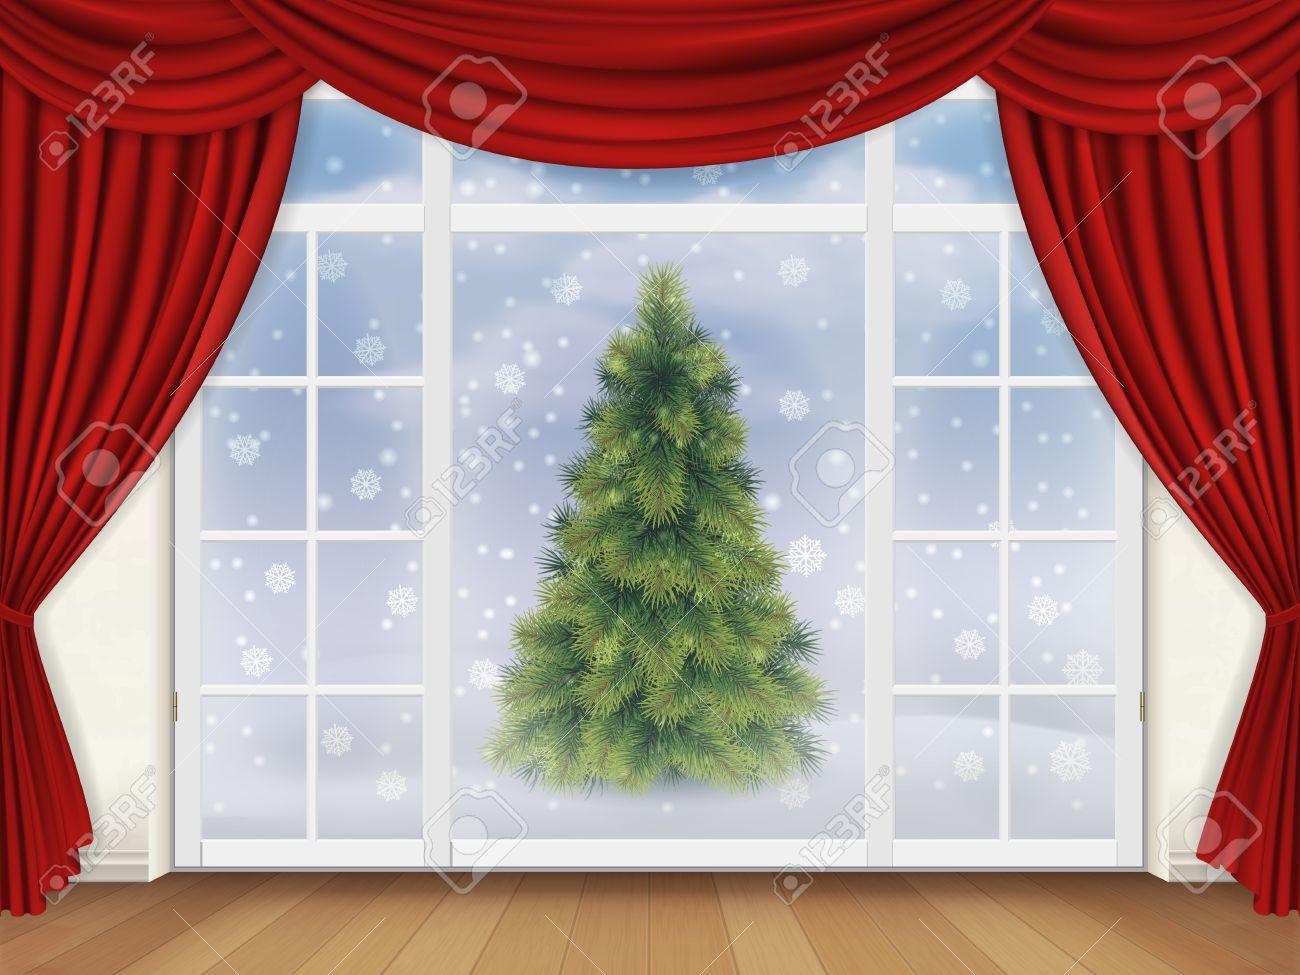 foto de archivo la vista desde la sala a travs de una ventana con cortinas rojas en la calle donde hay un rbol de navidad fondo de vector realista